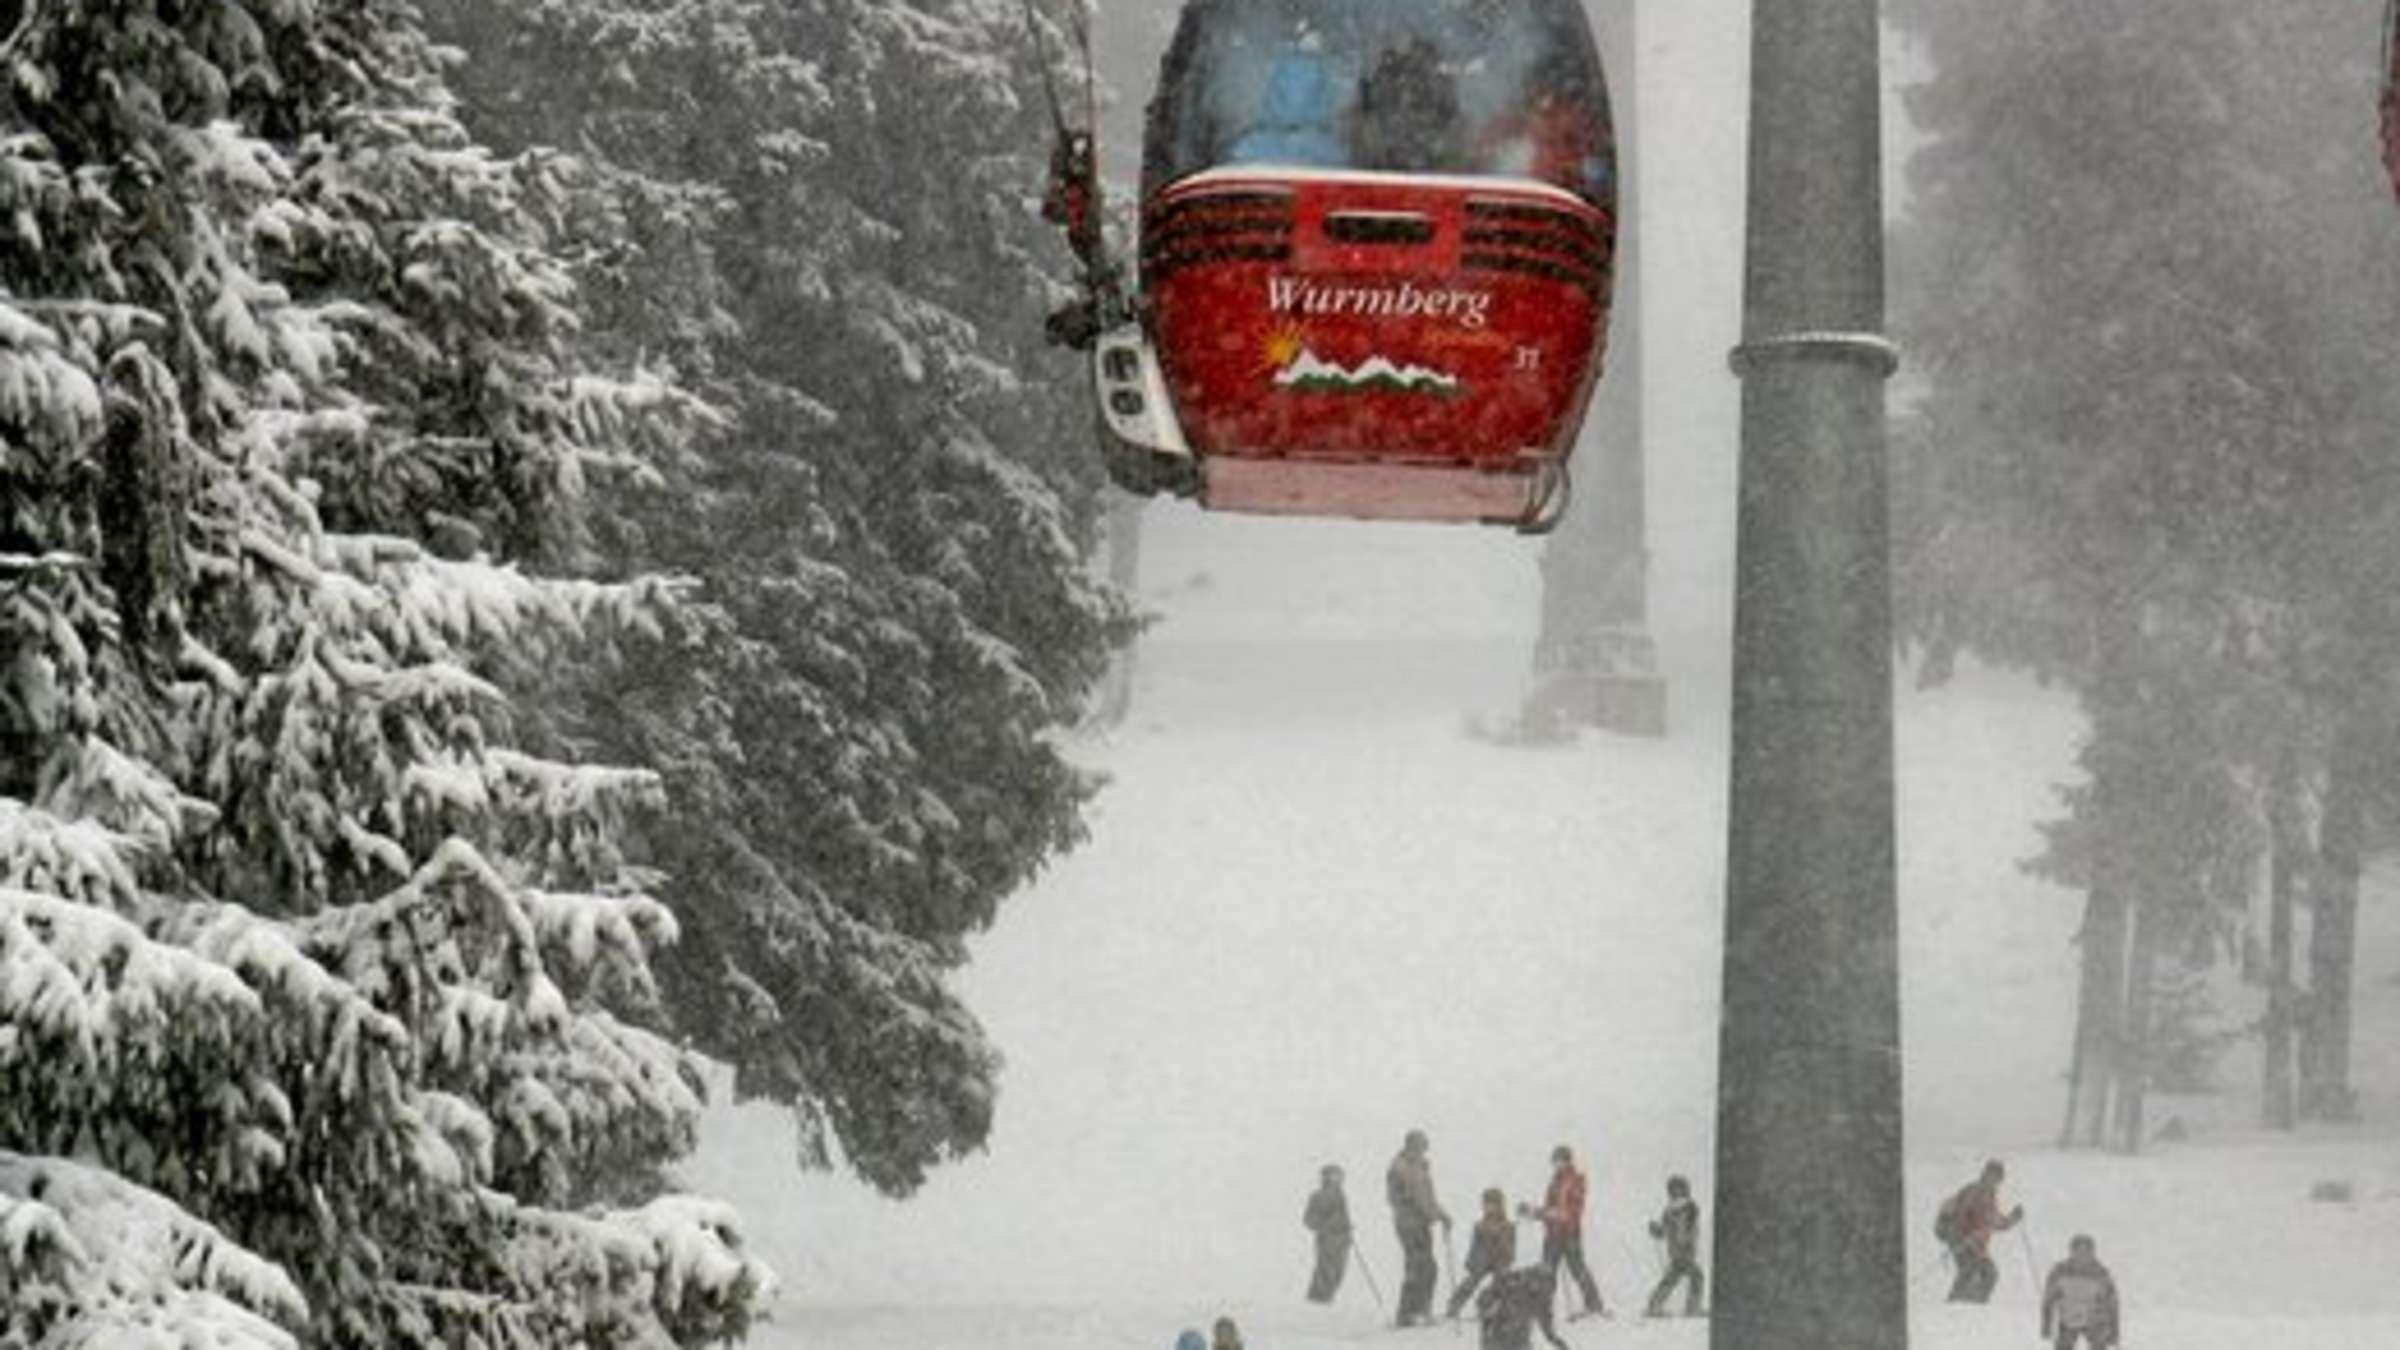 Schneehöhen harz wurmberg